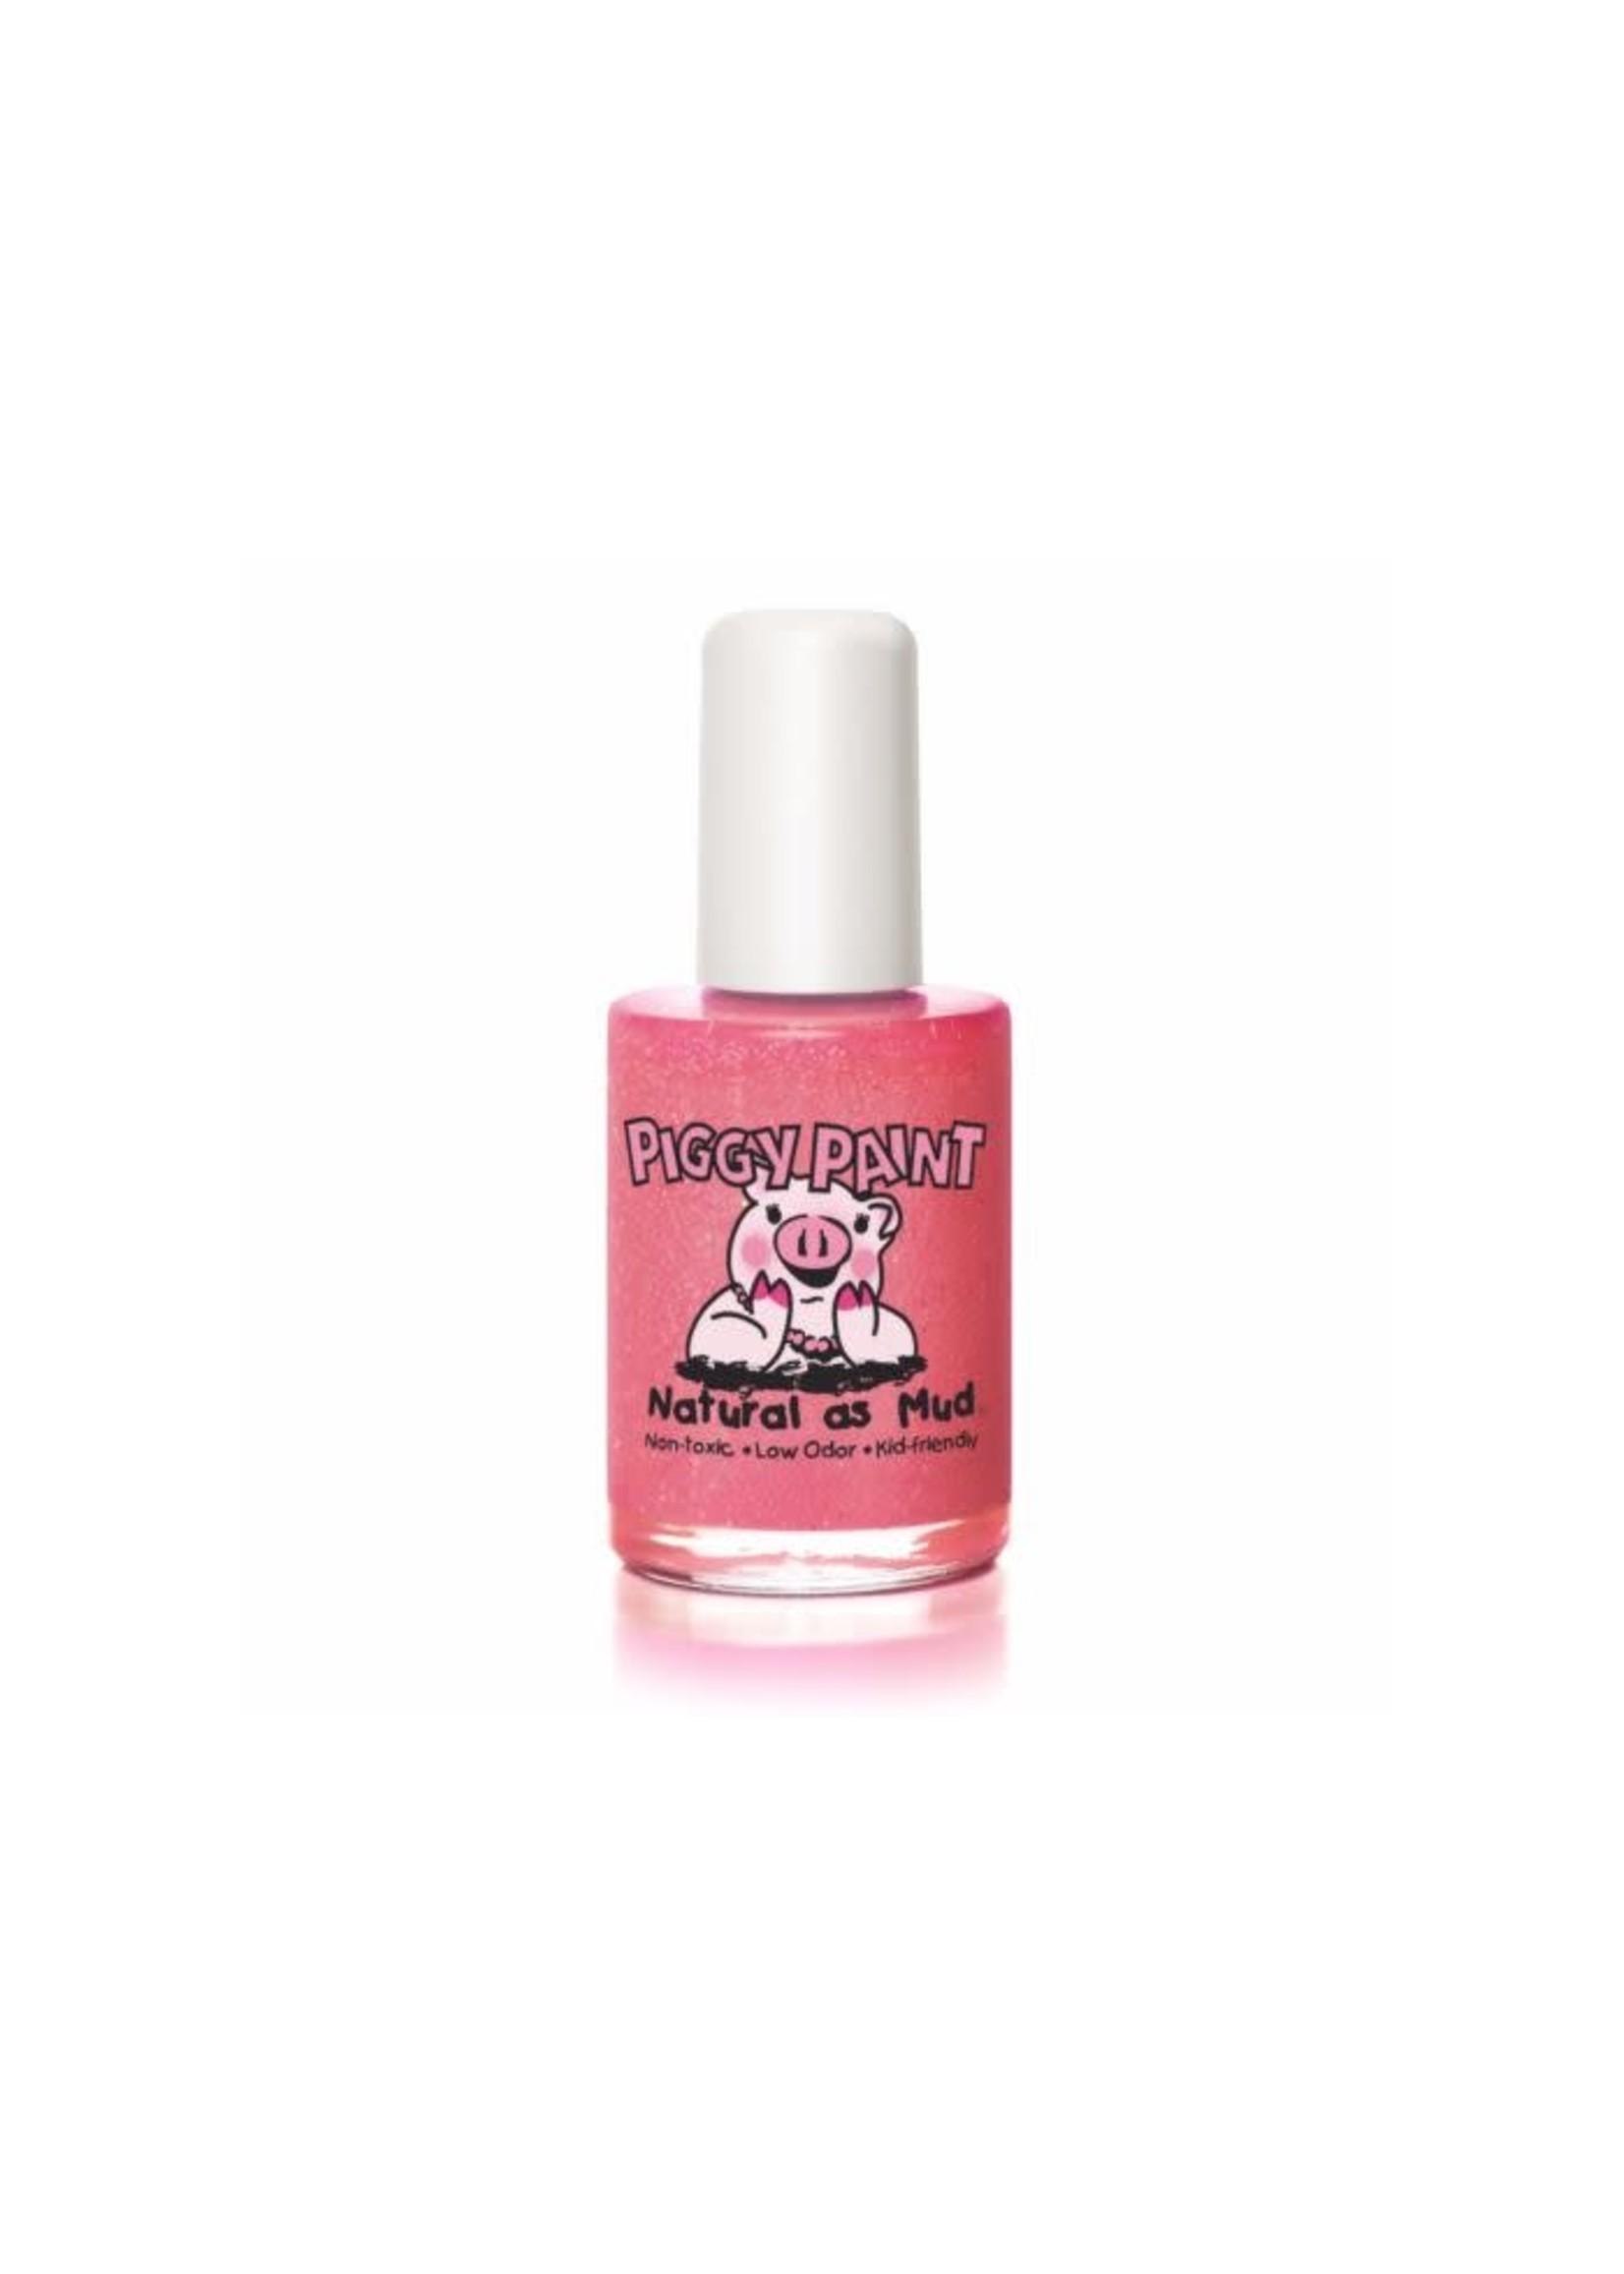 Piggy Paint Piggy Paint (Shimmy Shimmy Pop)